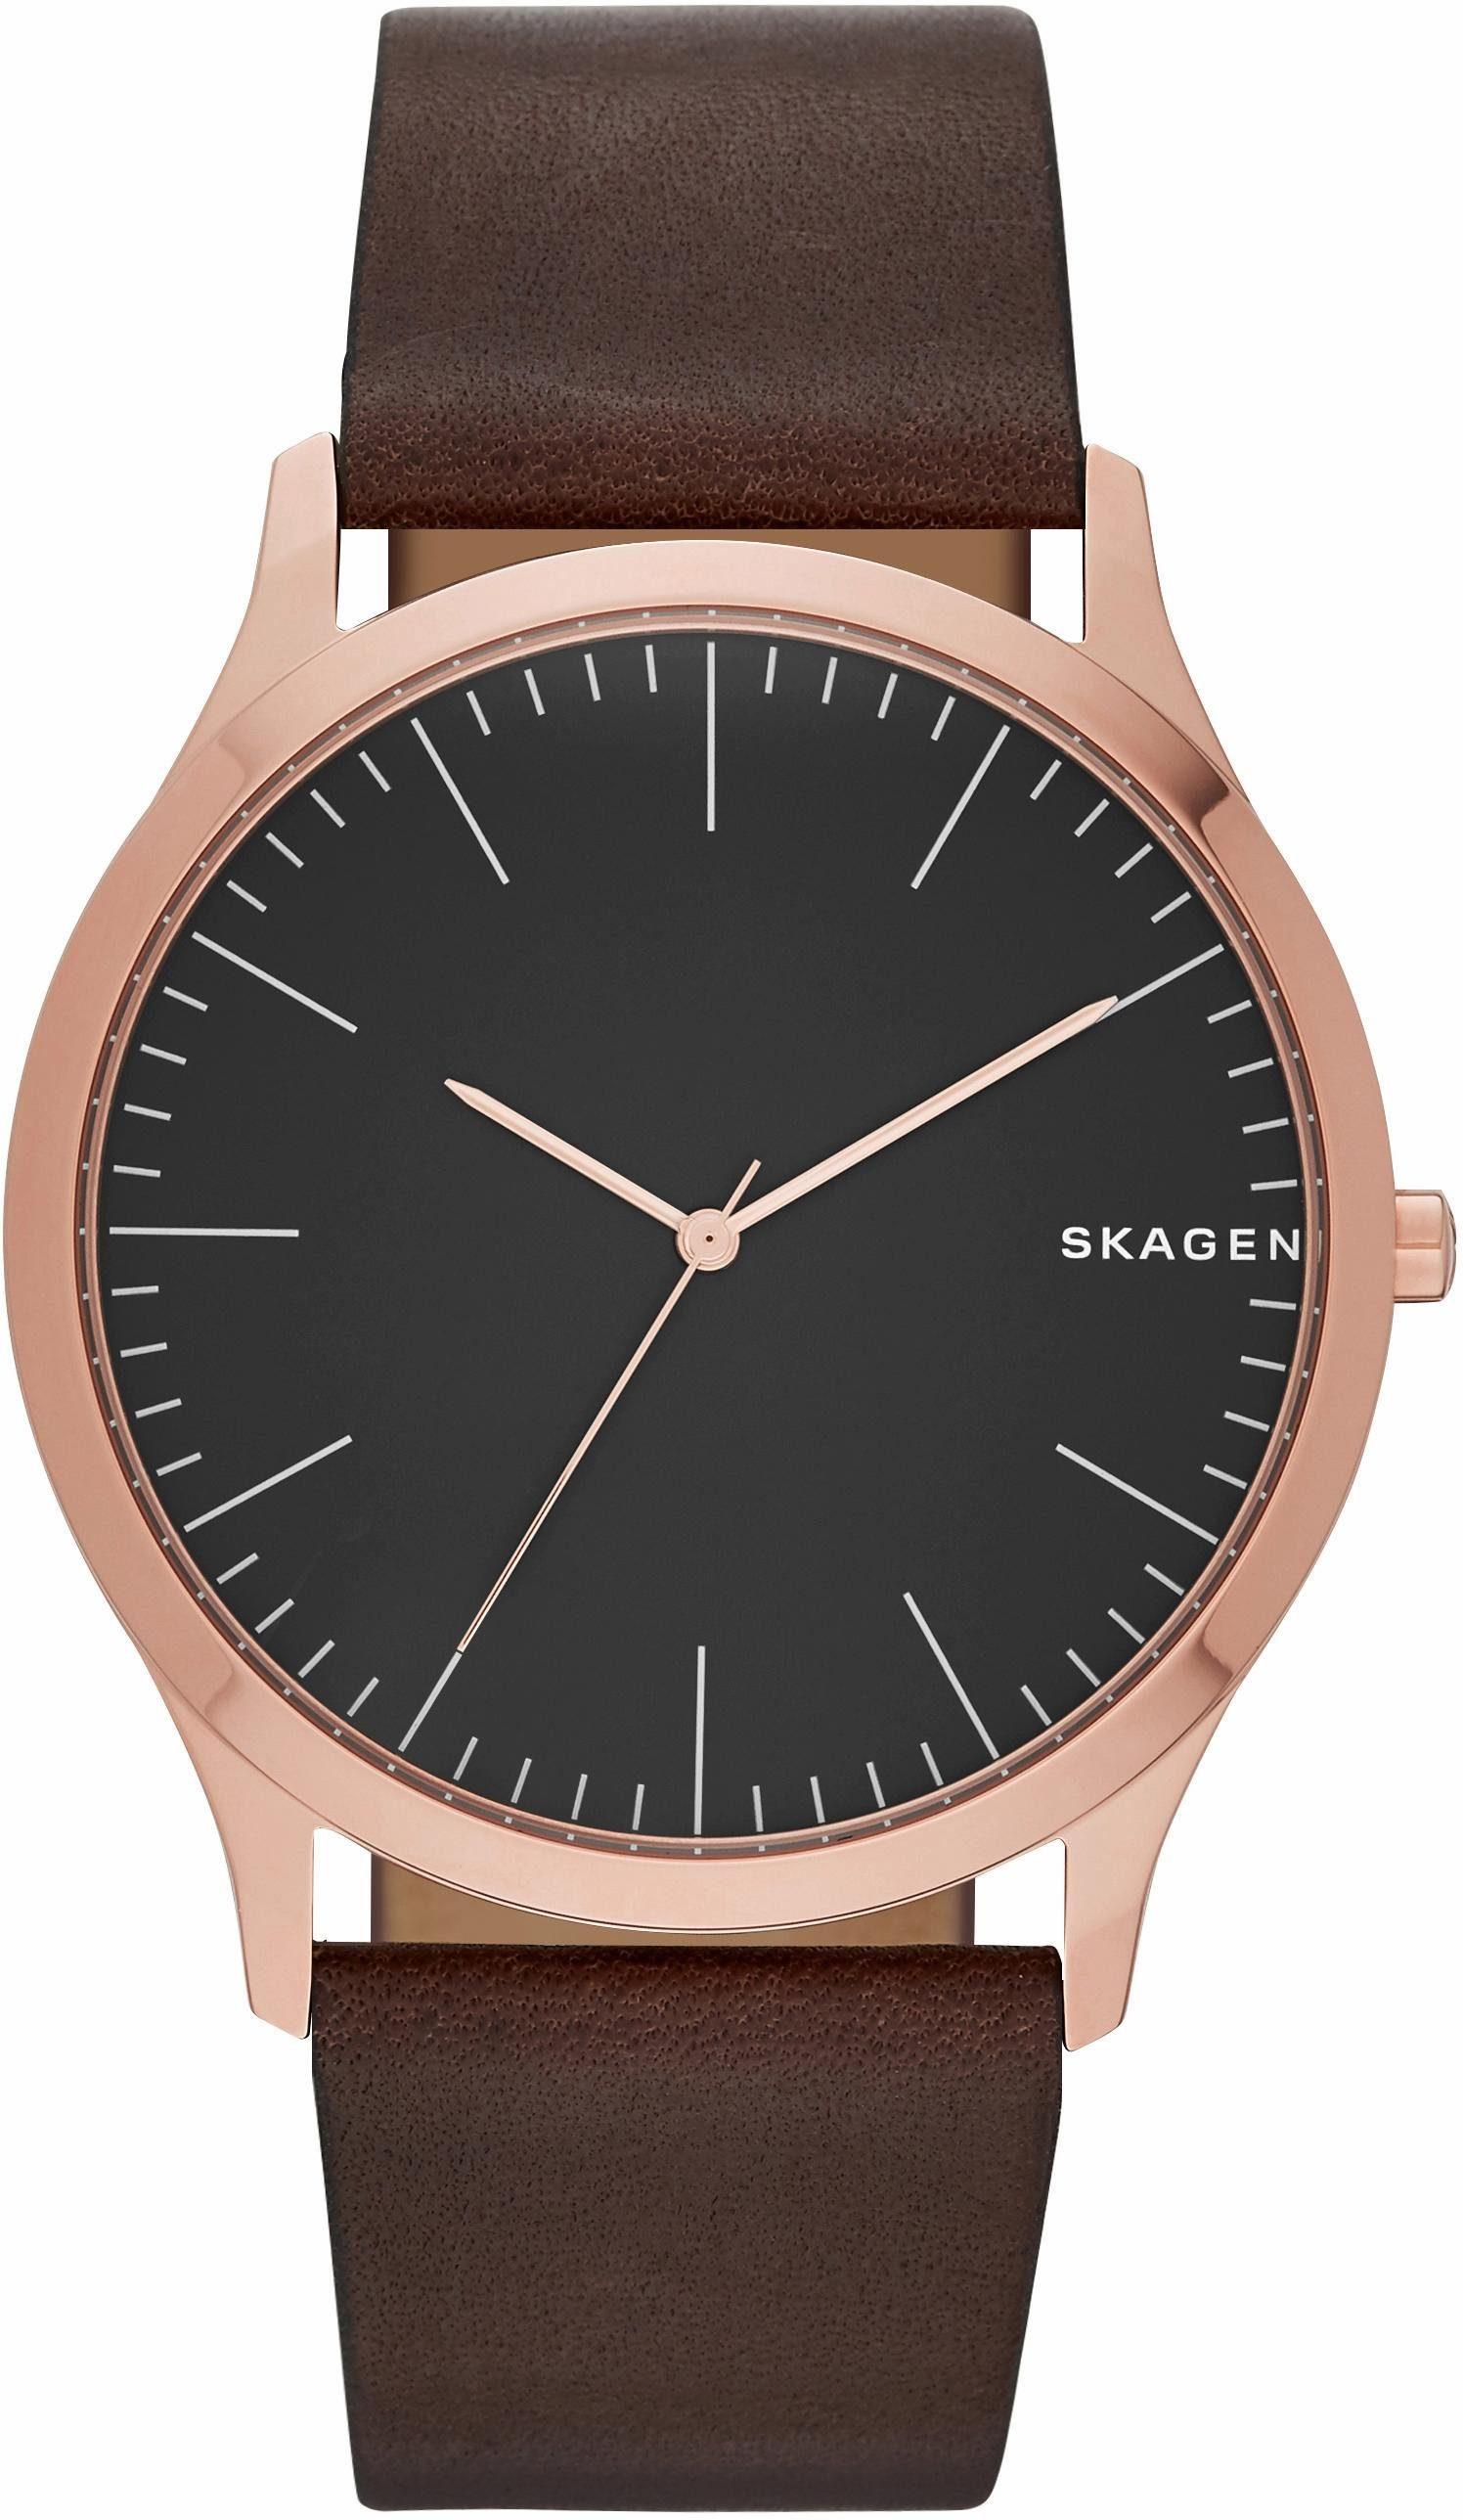 Skagen Quarzuhr »JORN, SKW6330«